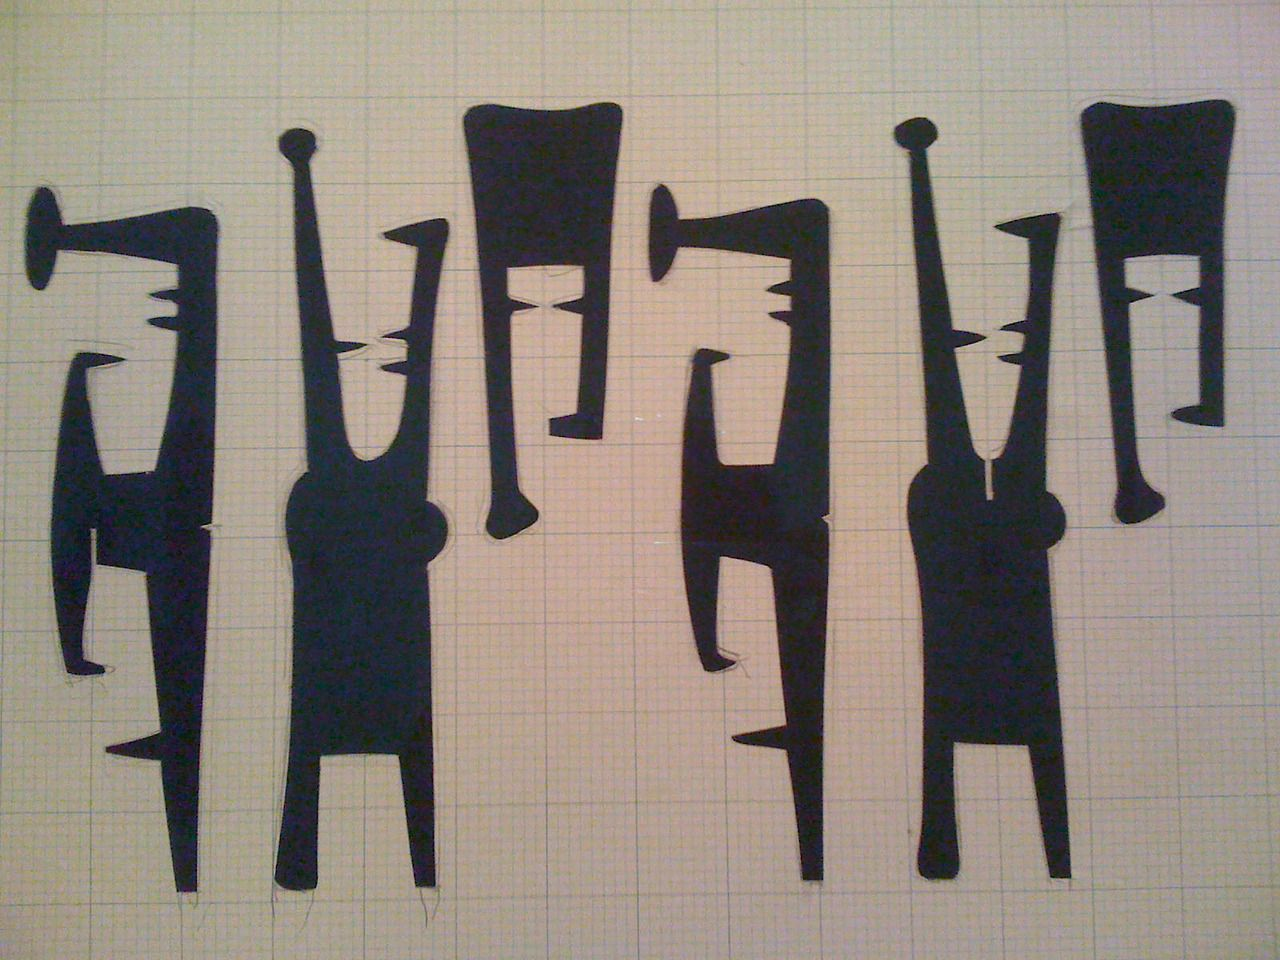 Isamu Noguchi Worksheets For Sculptures At Moma